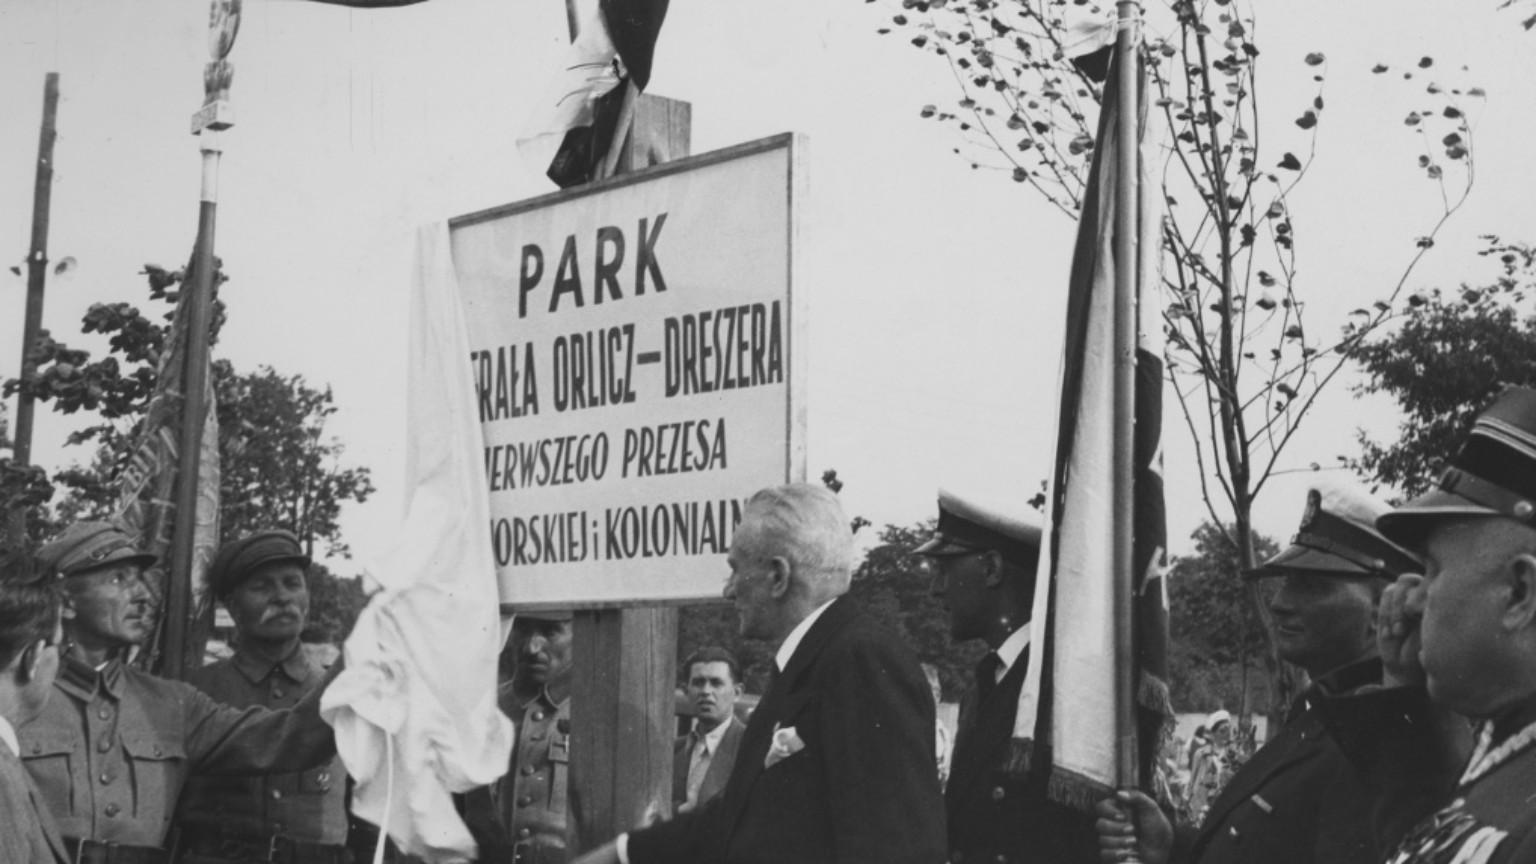 Zdjęcie dla kartki: Otwarcie Parku im. gen. Gustawa Orlicz-Dreszera